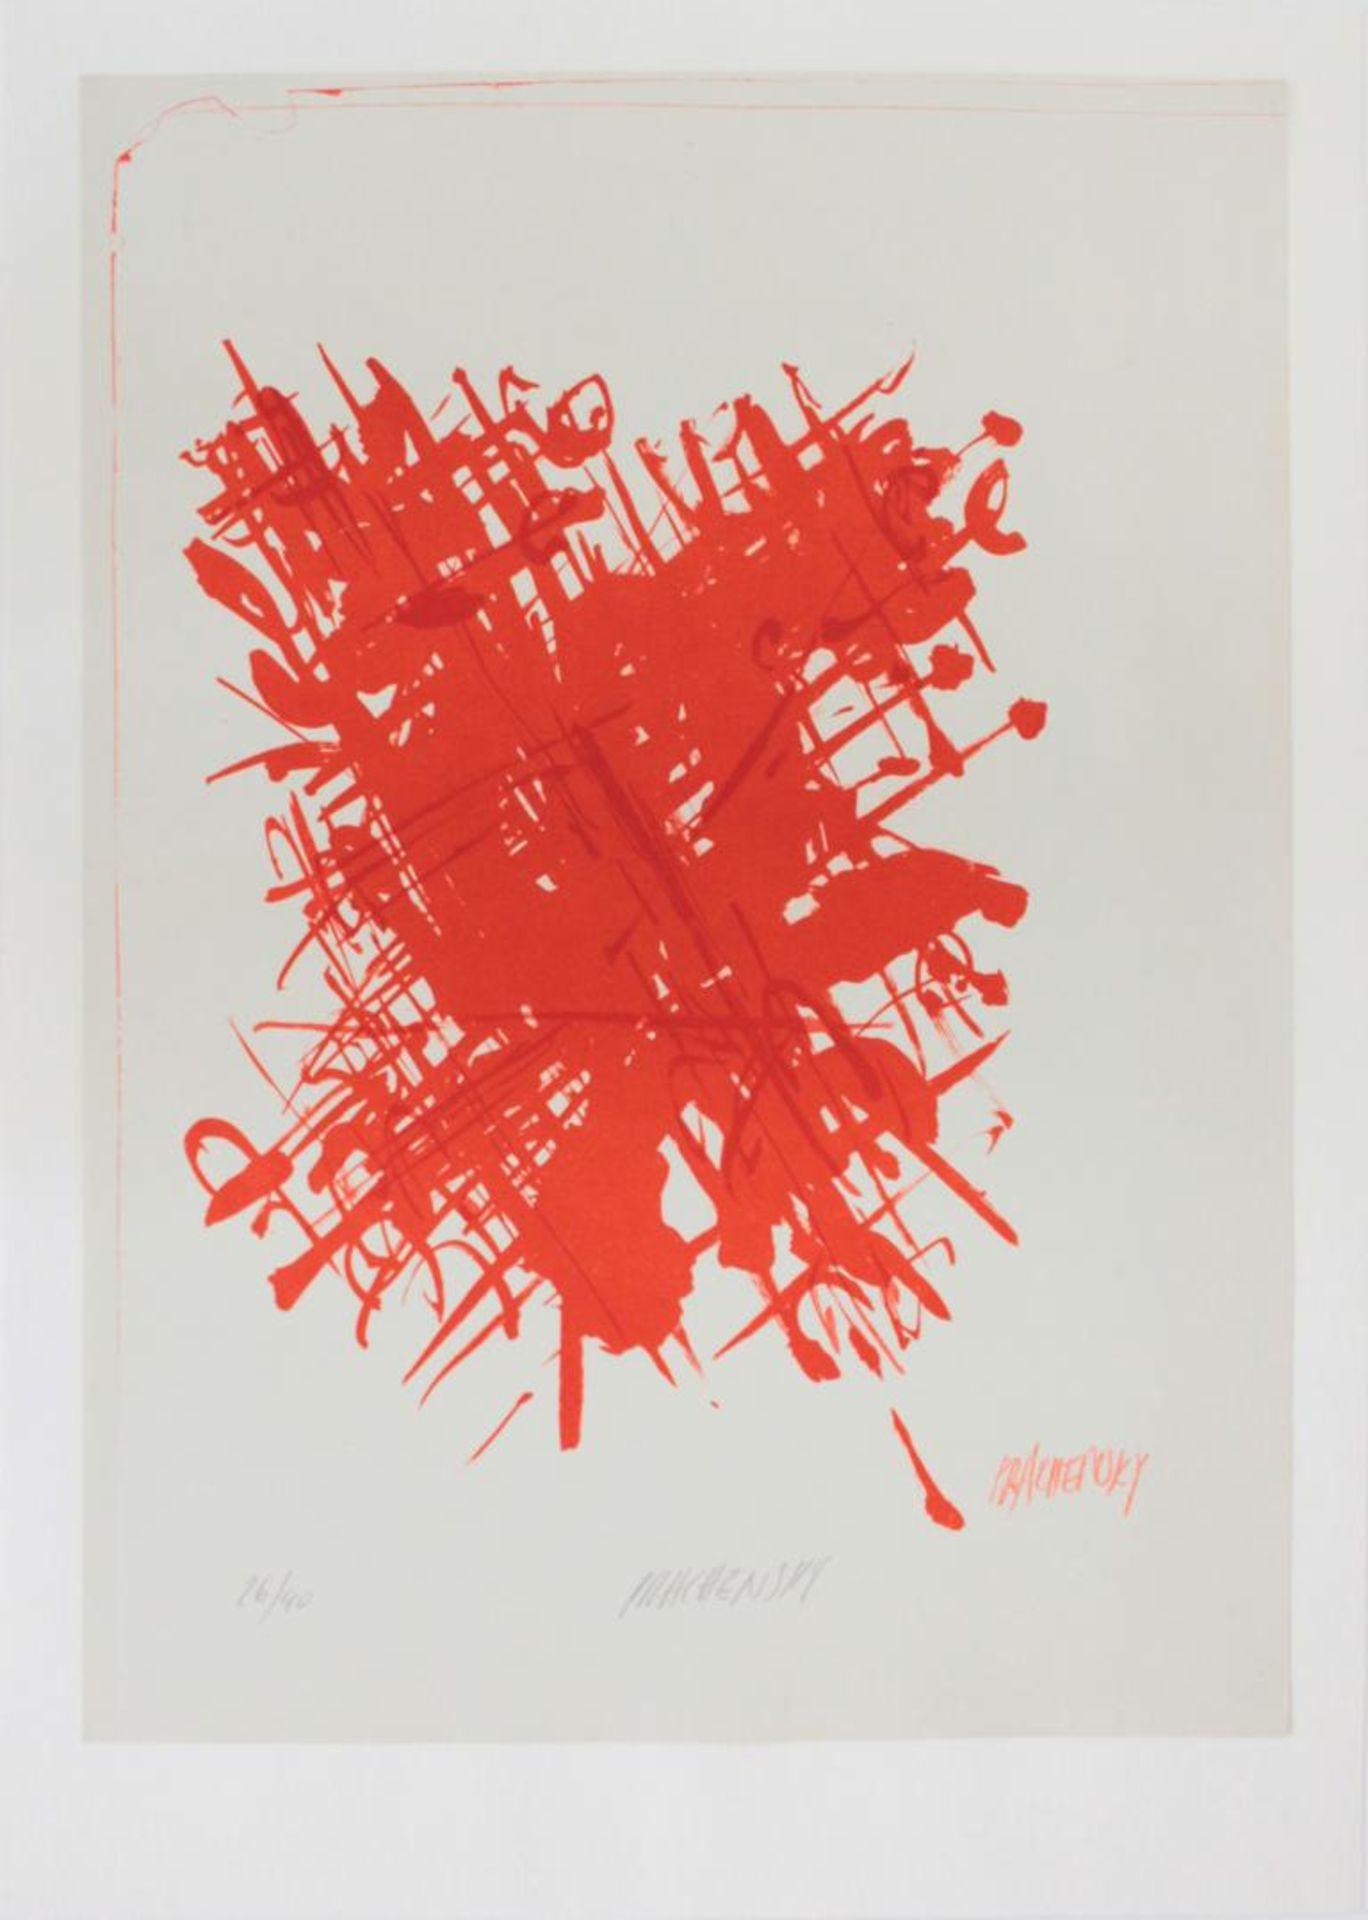 Los 50 - Prachensky Markus (1932-2011) Ohne Titel 1960er Farblithographie handsigniert und nummeriert 26/40